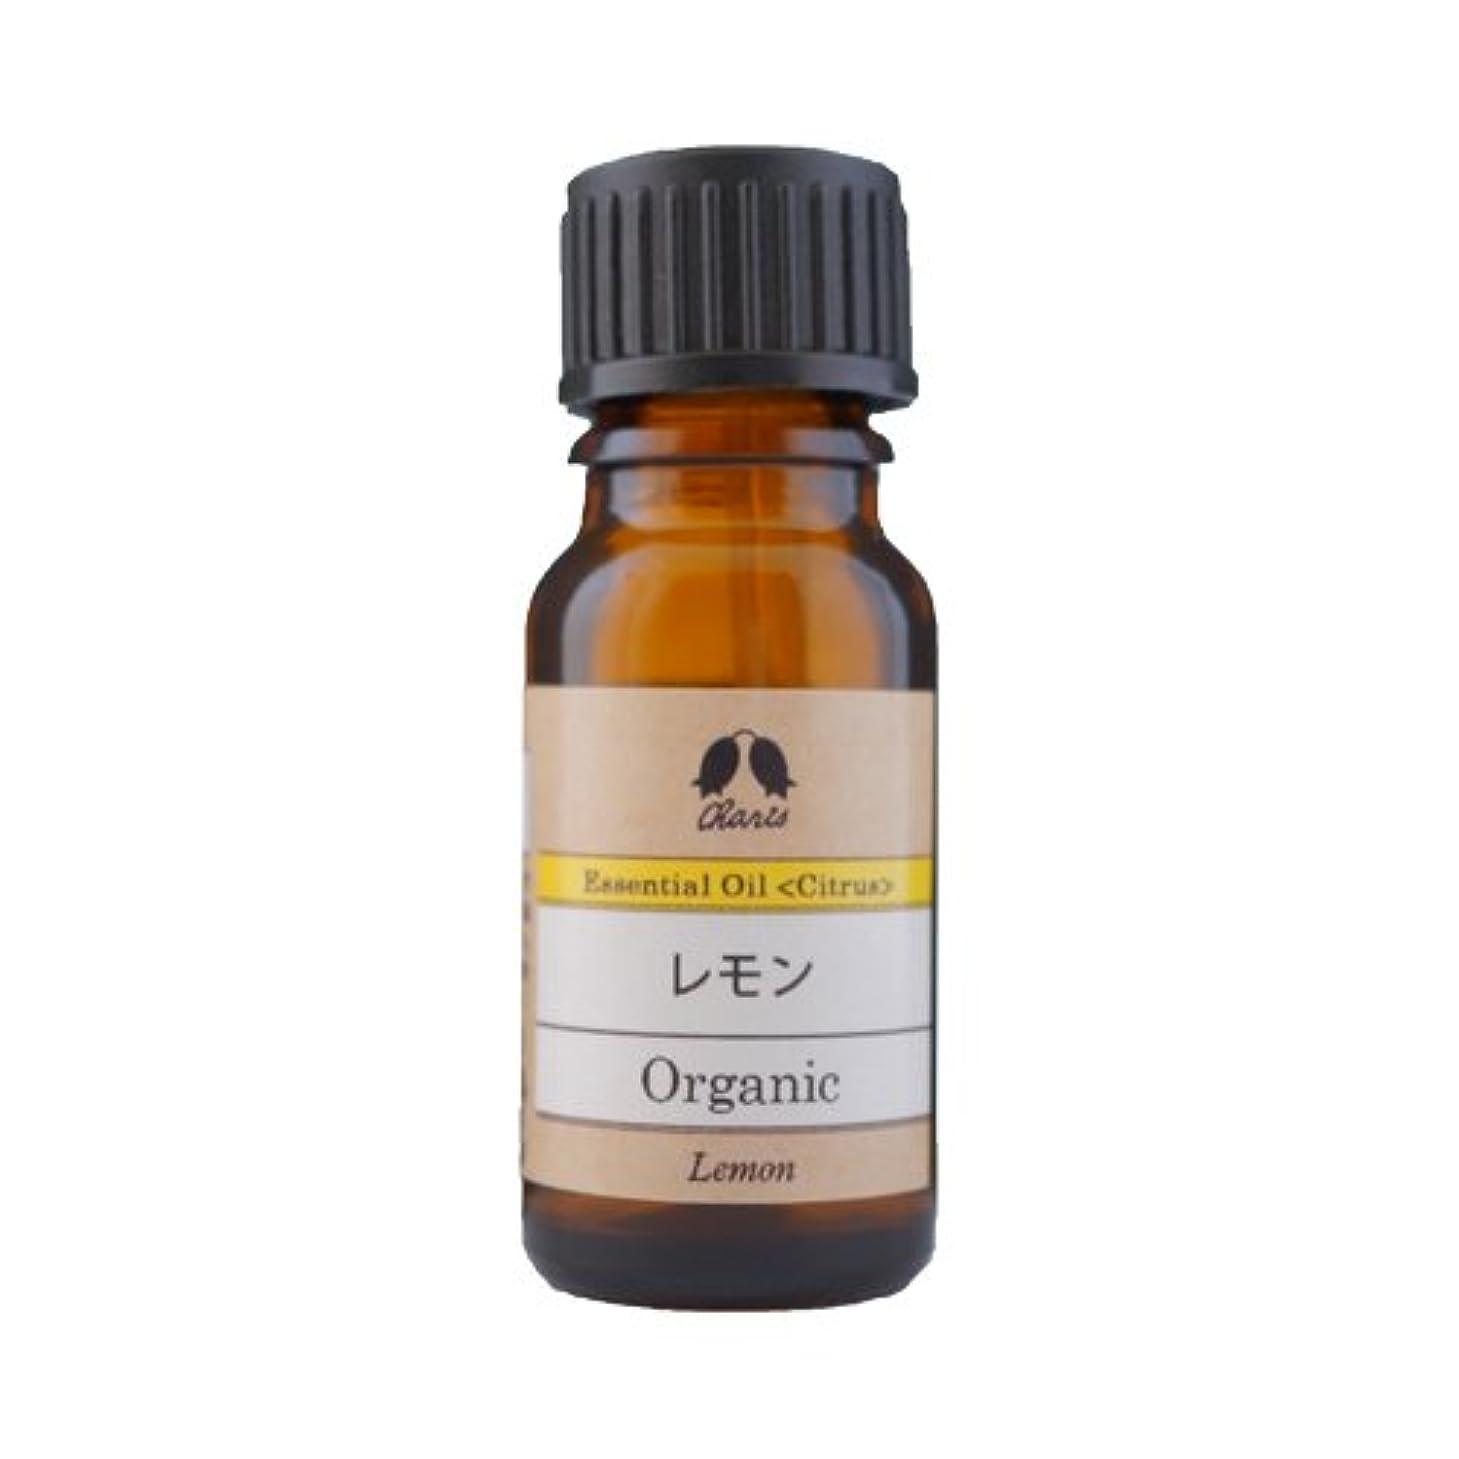 作成する散髪衰えるカリス レモン オーガニック オイル 10ml